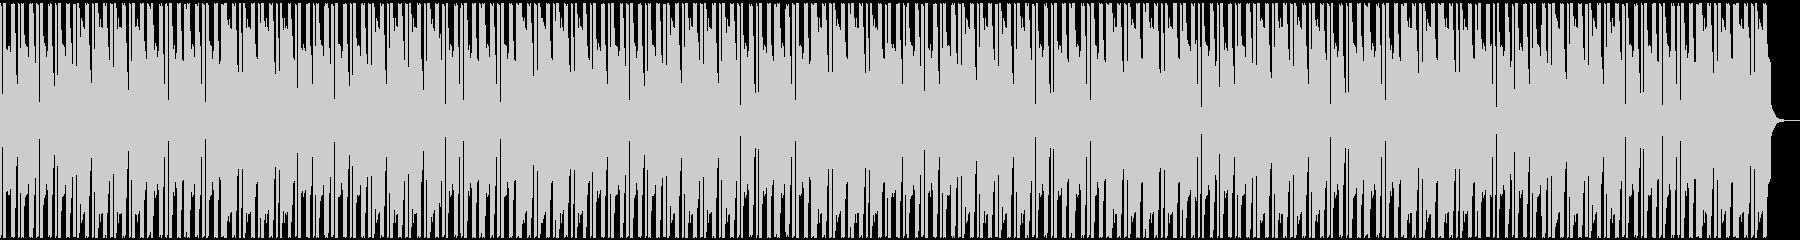 派手目フリースタイル用ビートの未再生の波形